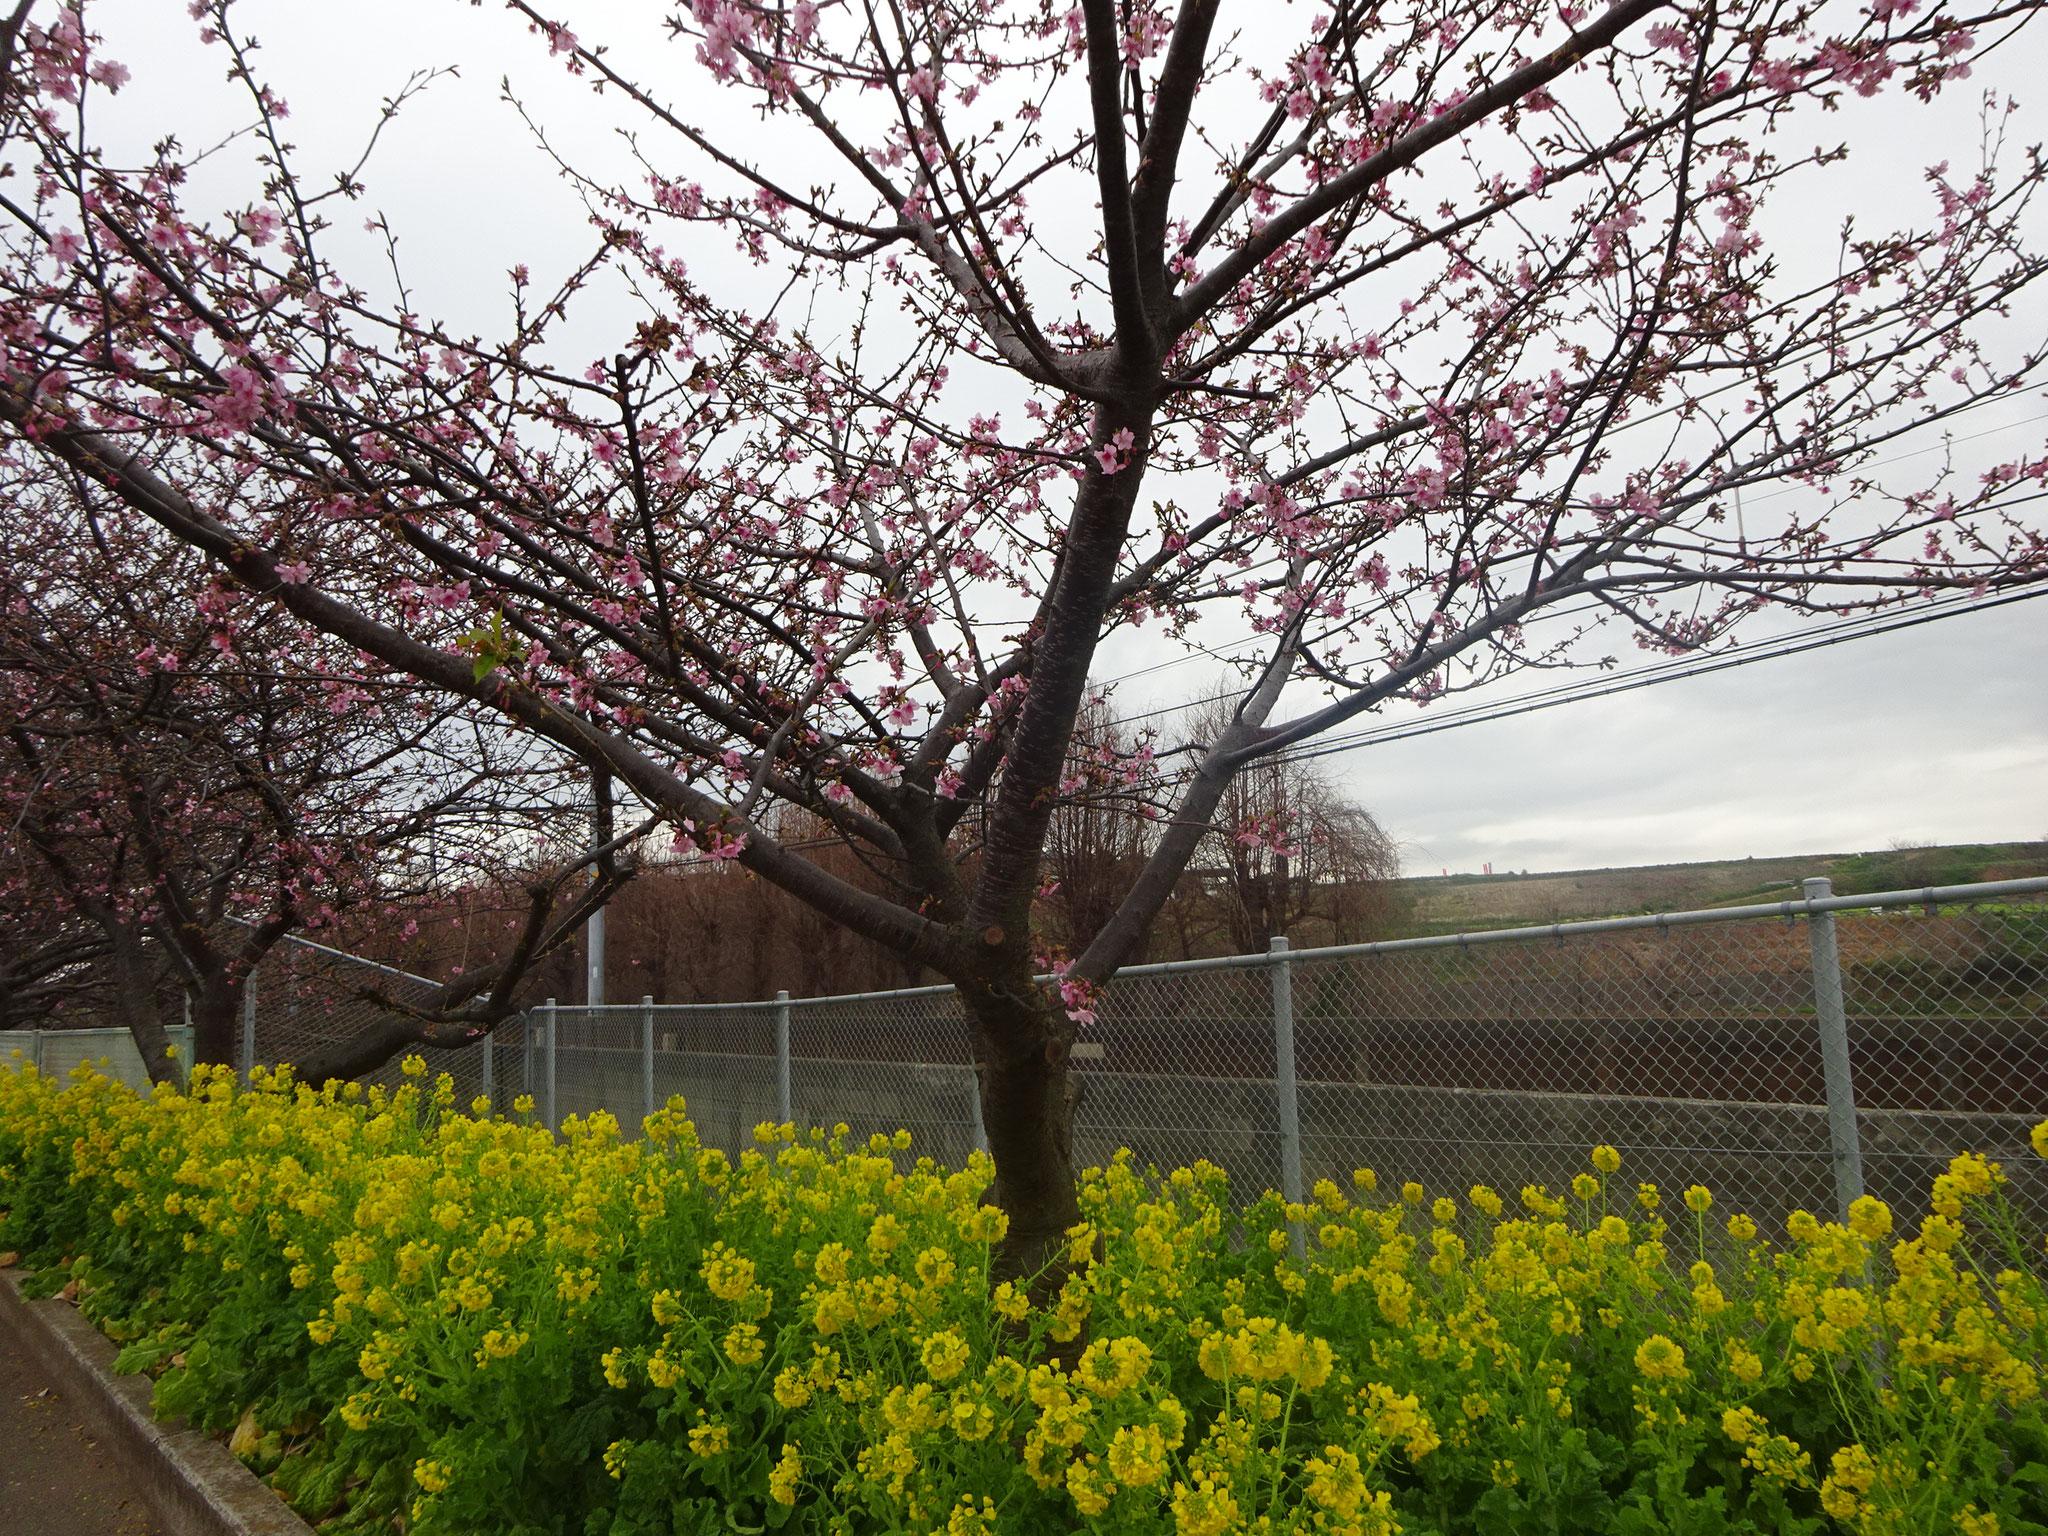 2月9日(土)撮影 早咲きの桜の木は2分~3分咲きです。